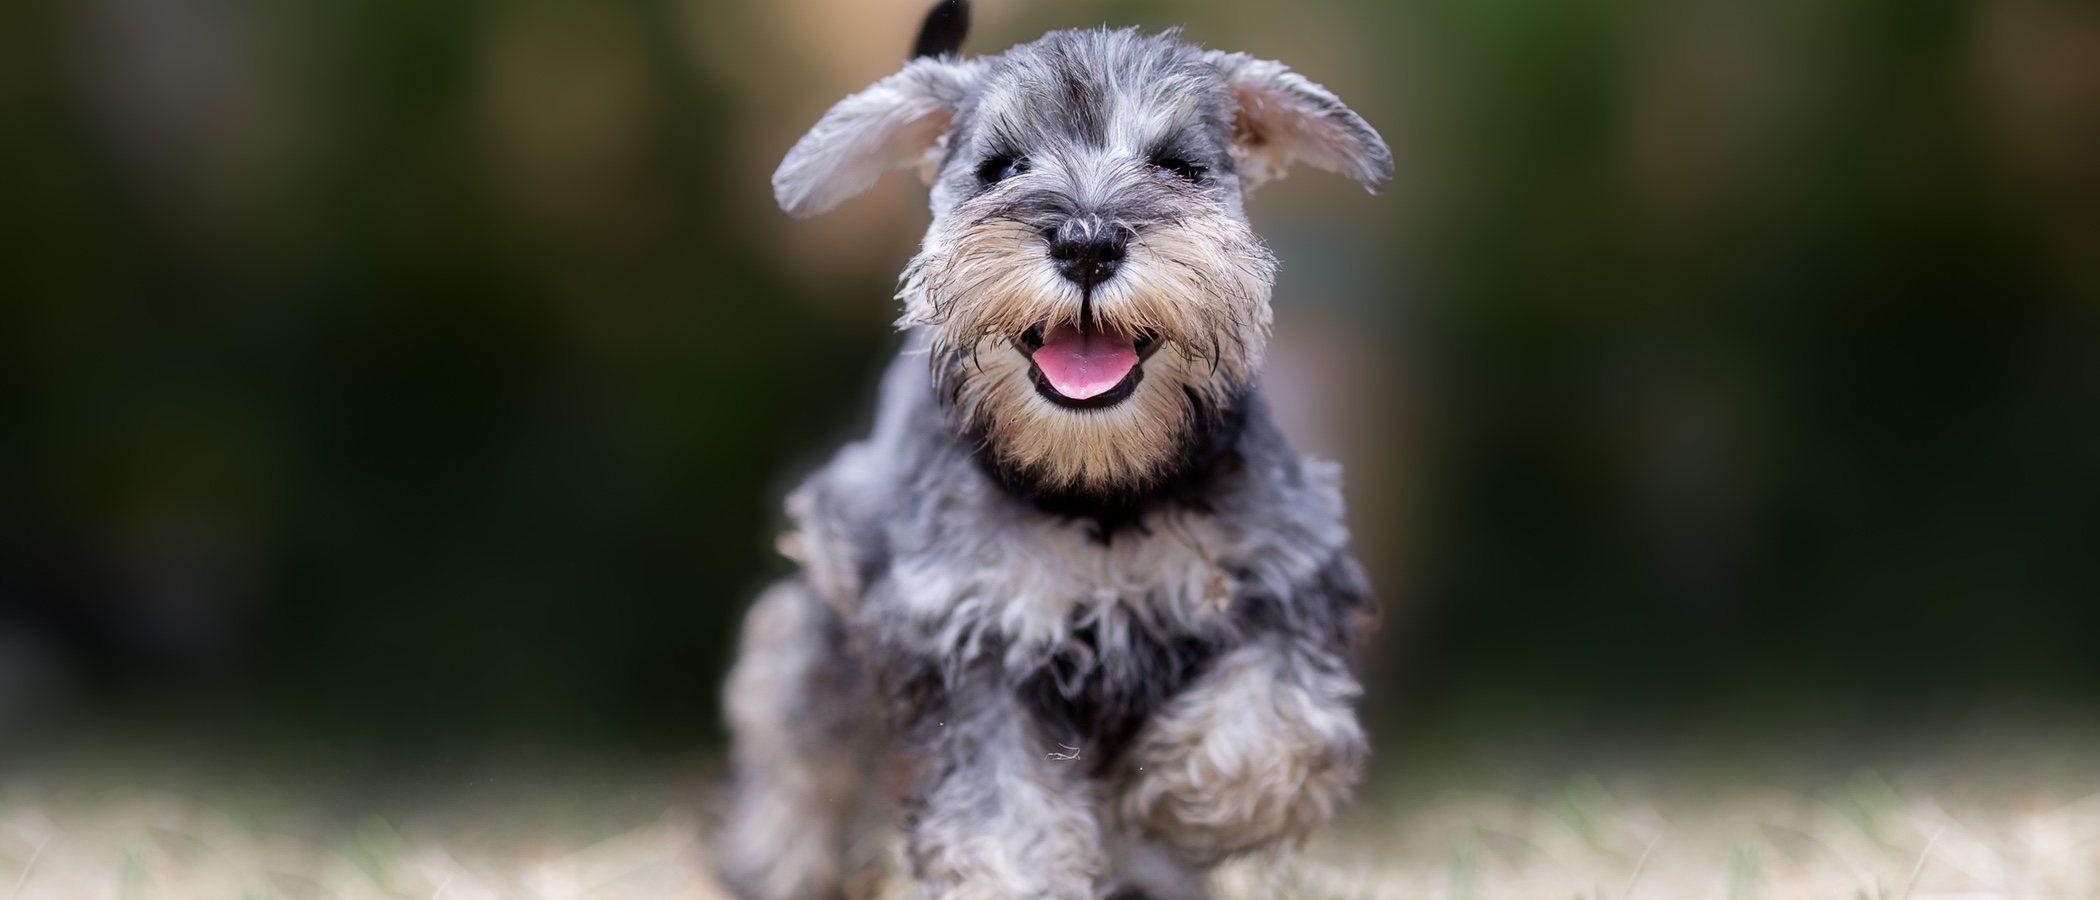 10 curiosidades sobre la raza de perro Schnauzer